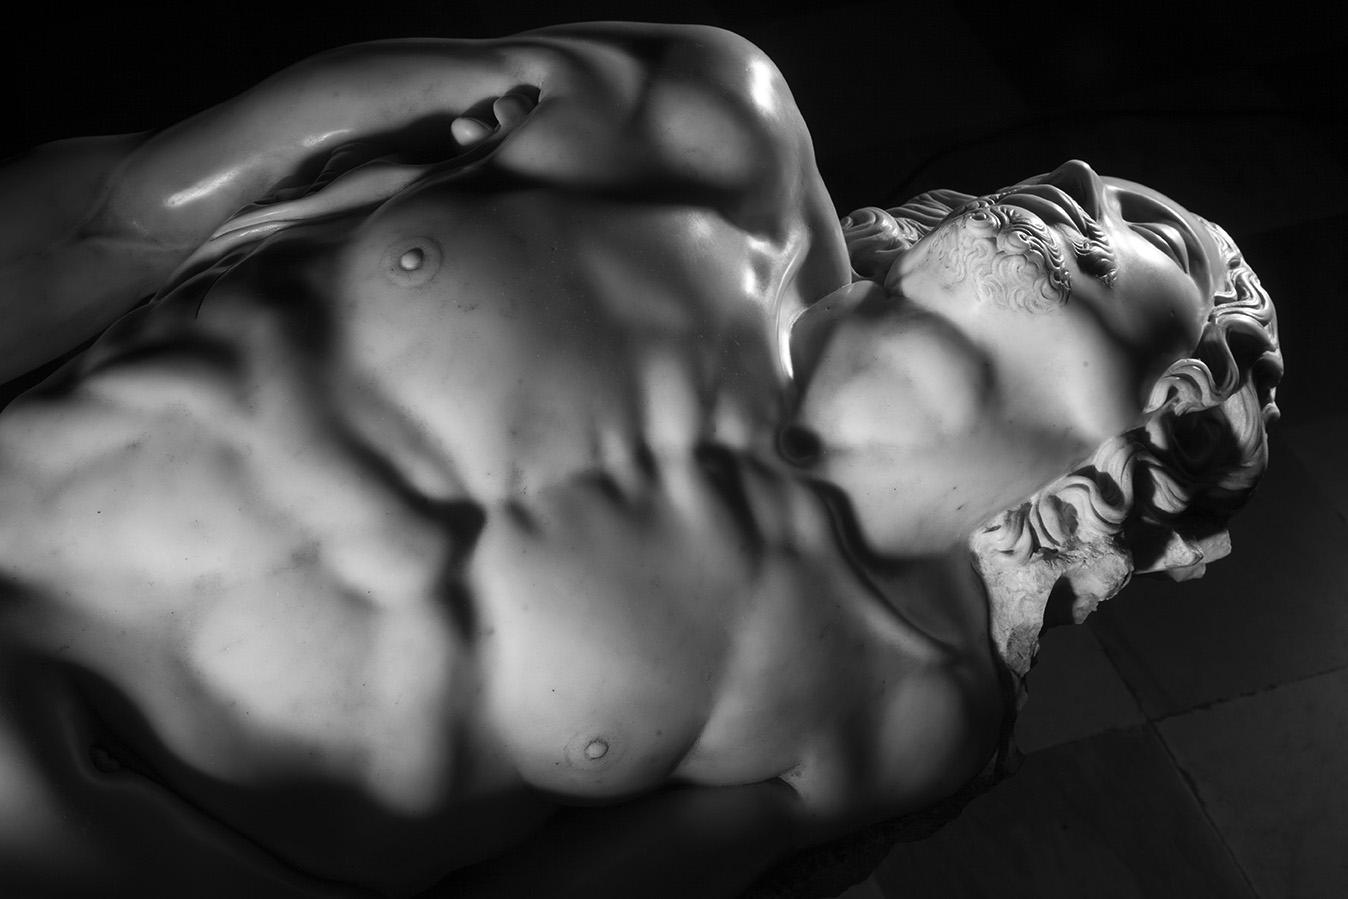 souvenir pieta jesus jesu fabio viale marble marmo san lorenzo